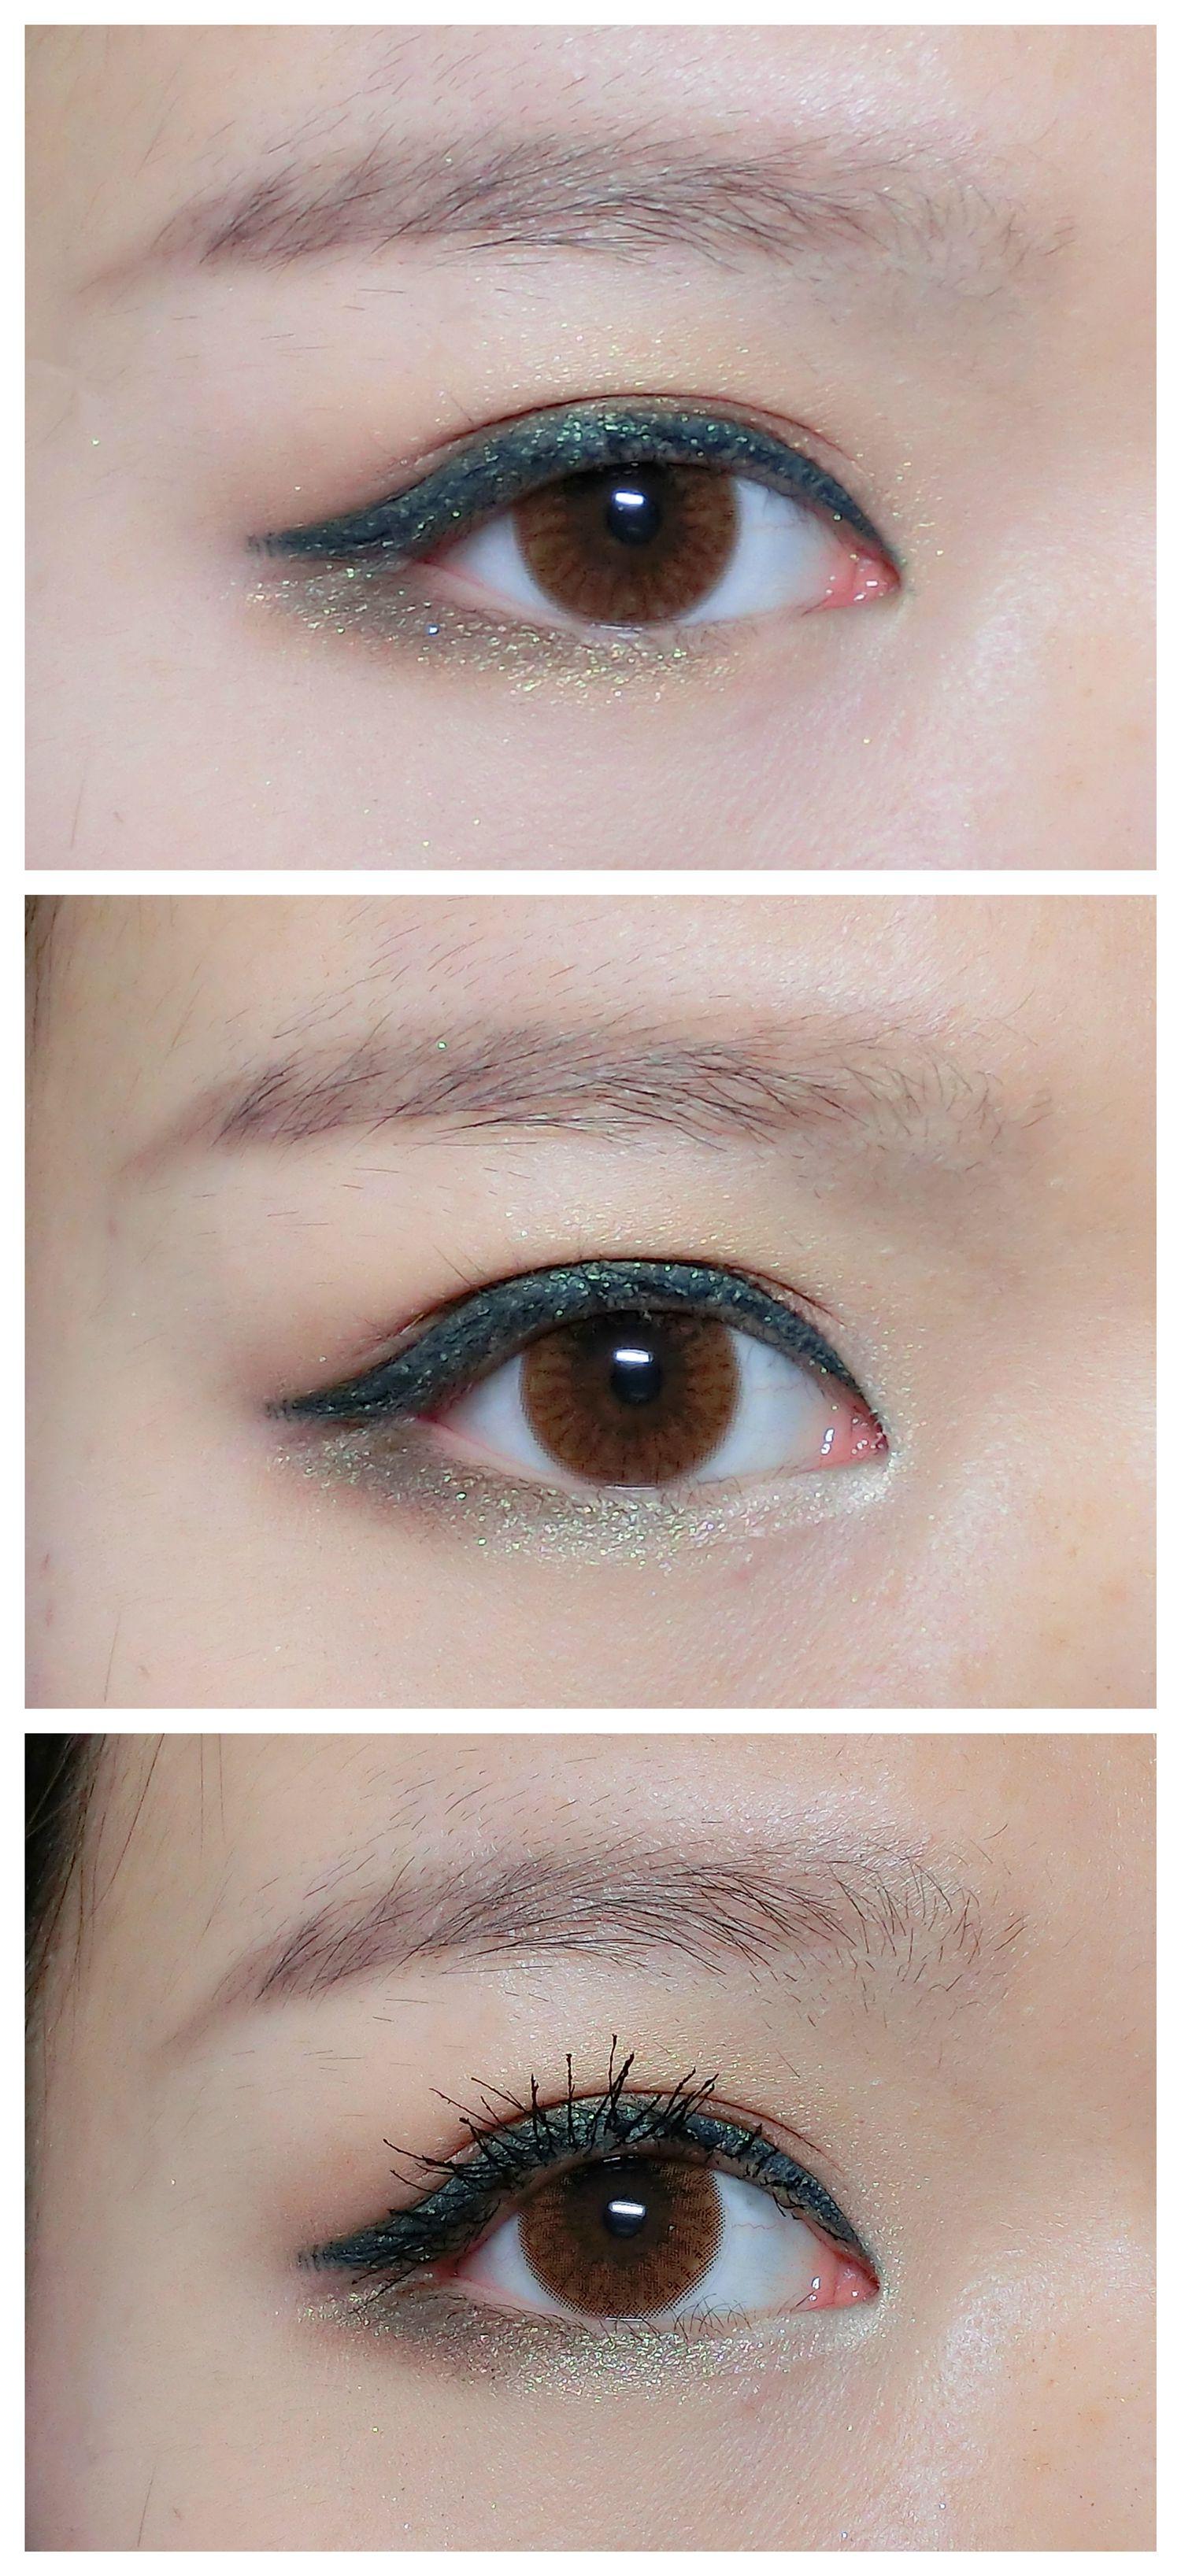 6:灰绿色眼影再次从里往外晕染下眼影,和上一步的金棕色形成过渡,眼尾和上眼线衔接。 小tips:下眼影要从眼尾往眼头画,眼下颜色里实外虚,眼尾重,往前晕染越来越淡,停止在眼球下方的位置就可以了。不要晕染到眼头。 7:眼头用高光色进行提亮。